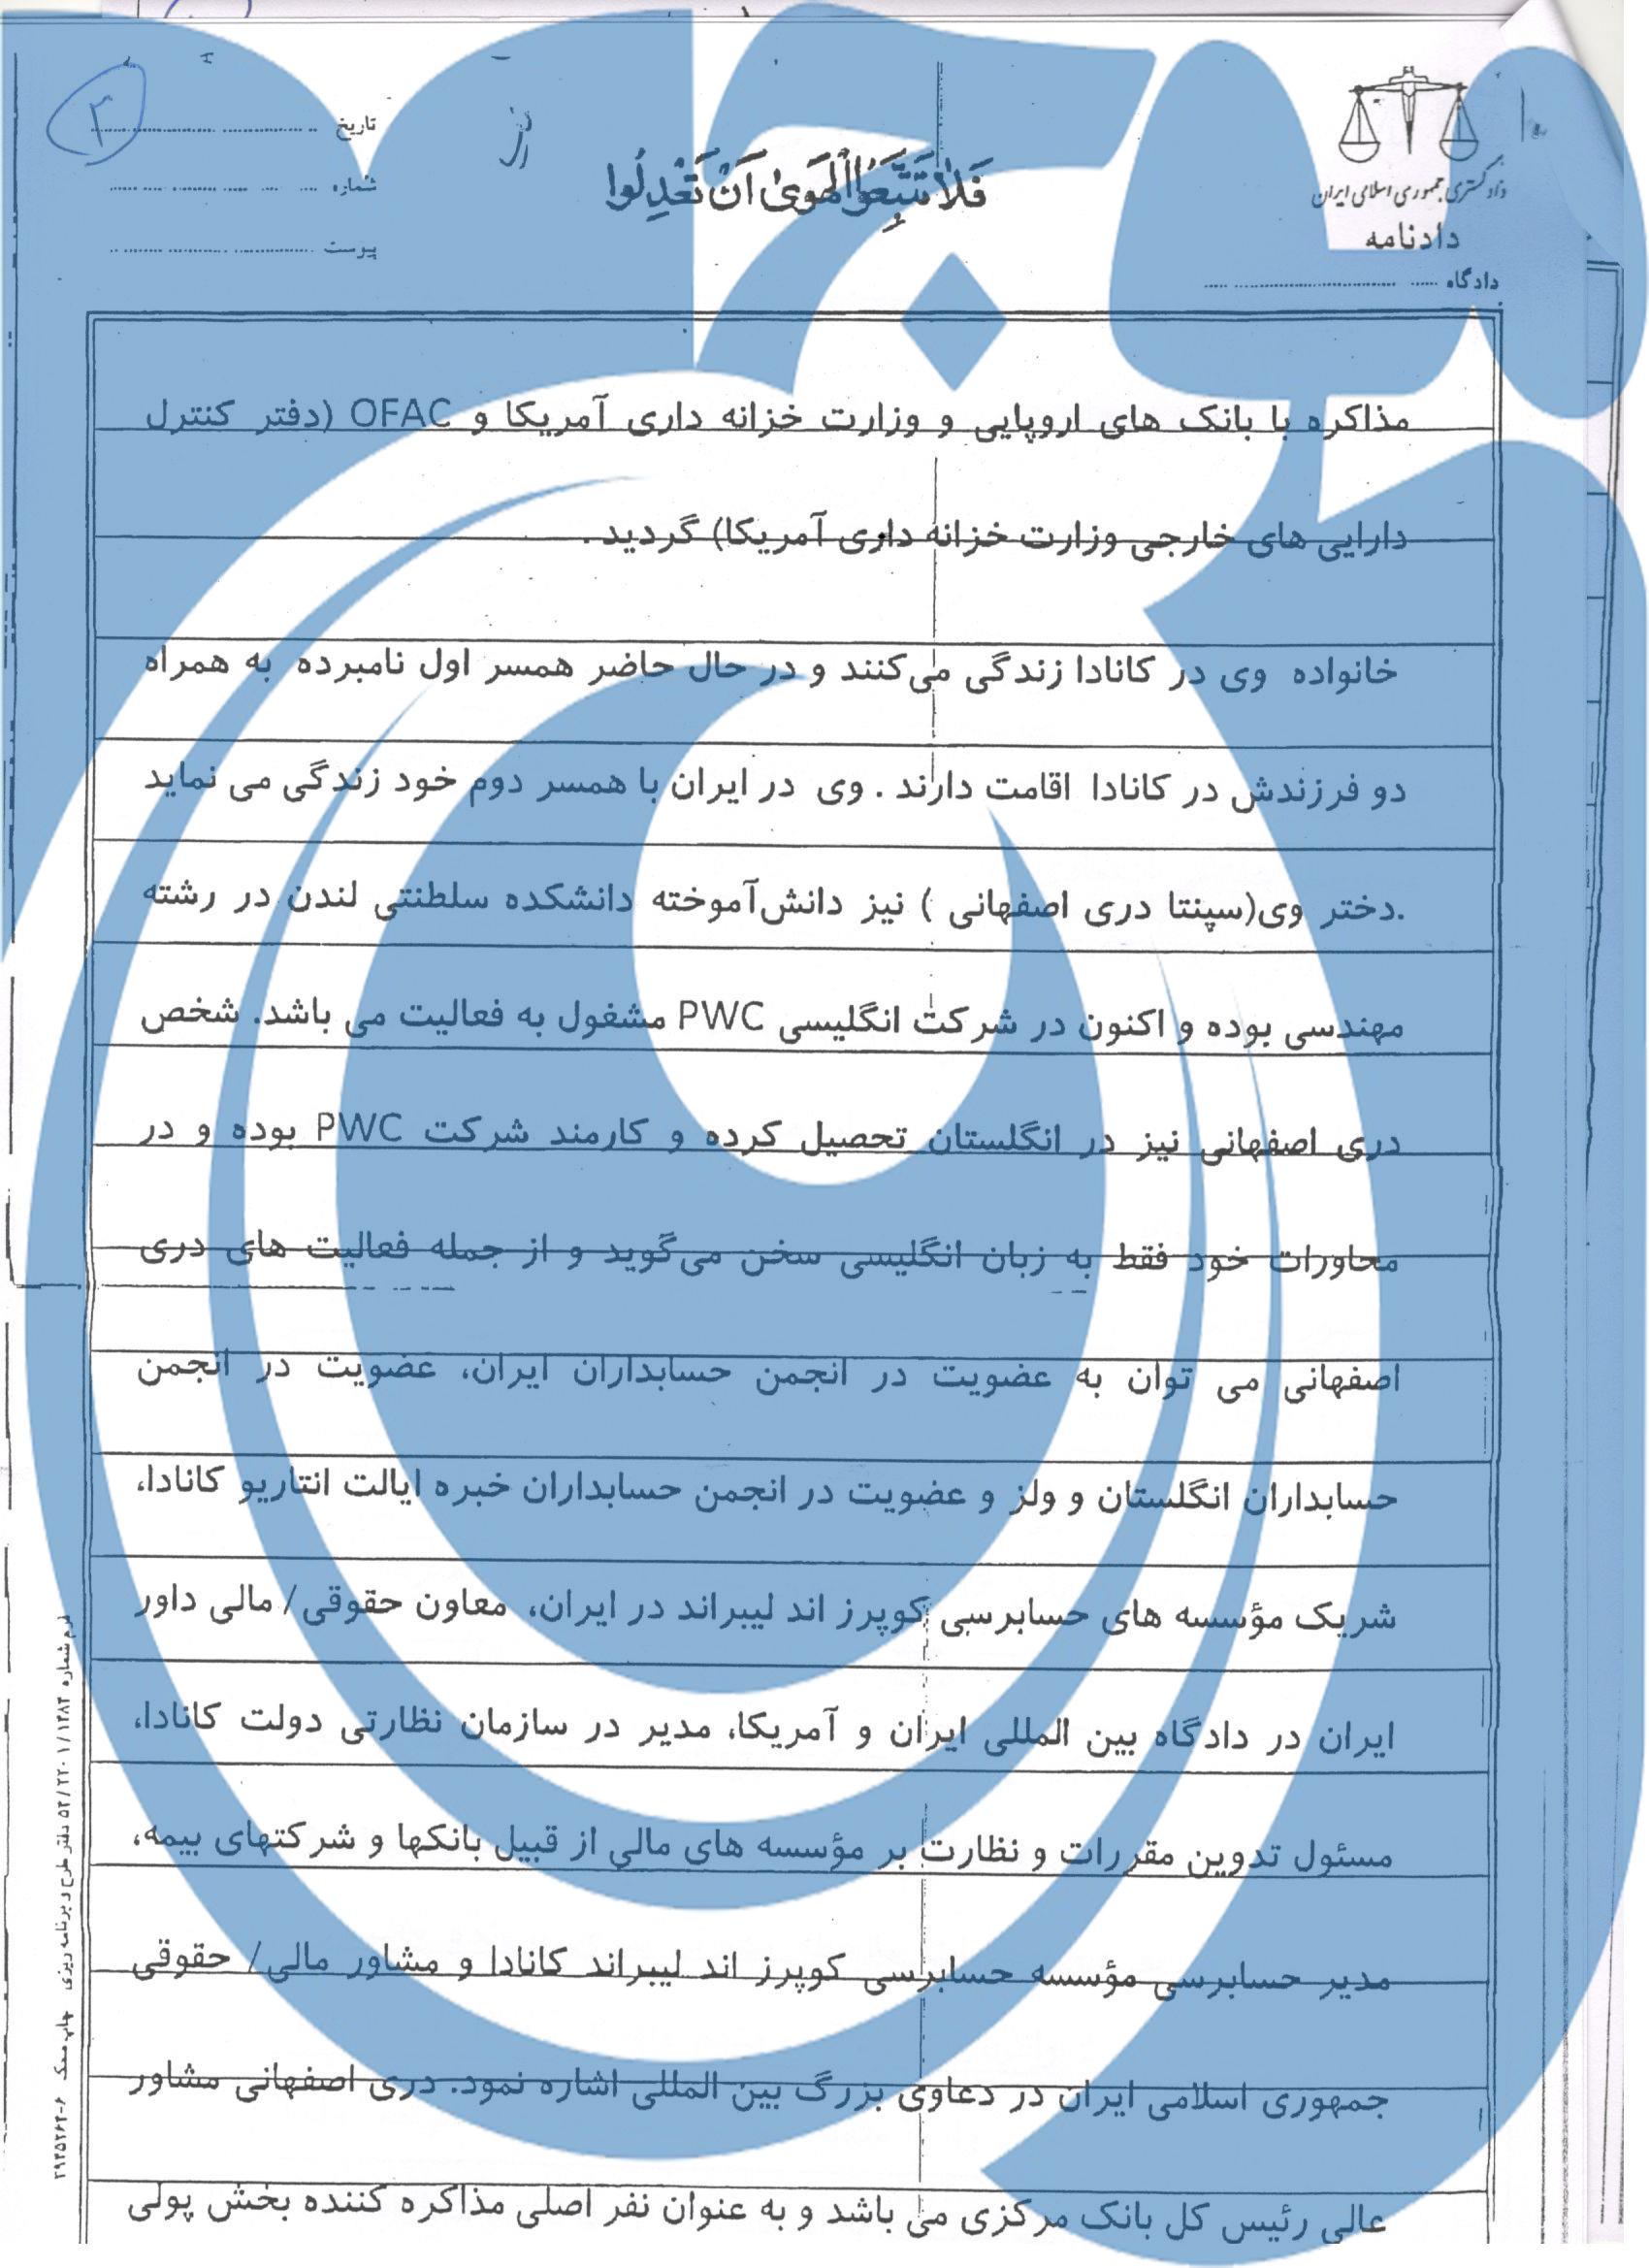 حکم دادگاه دری اصفهانی